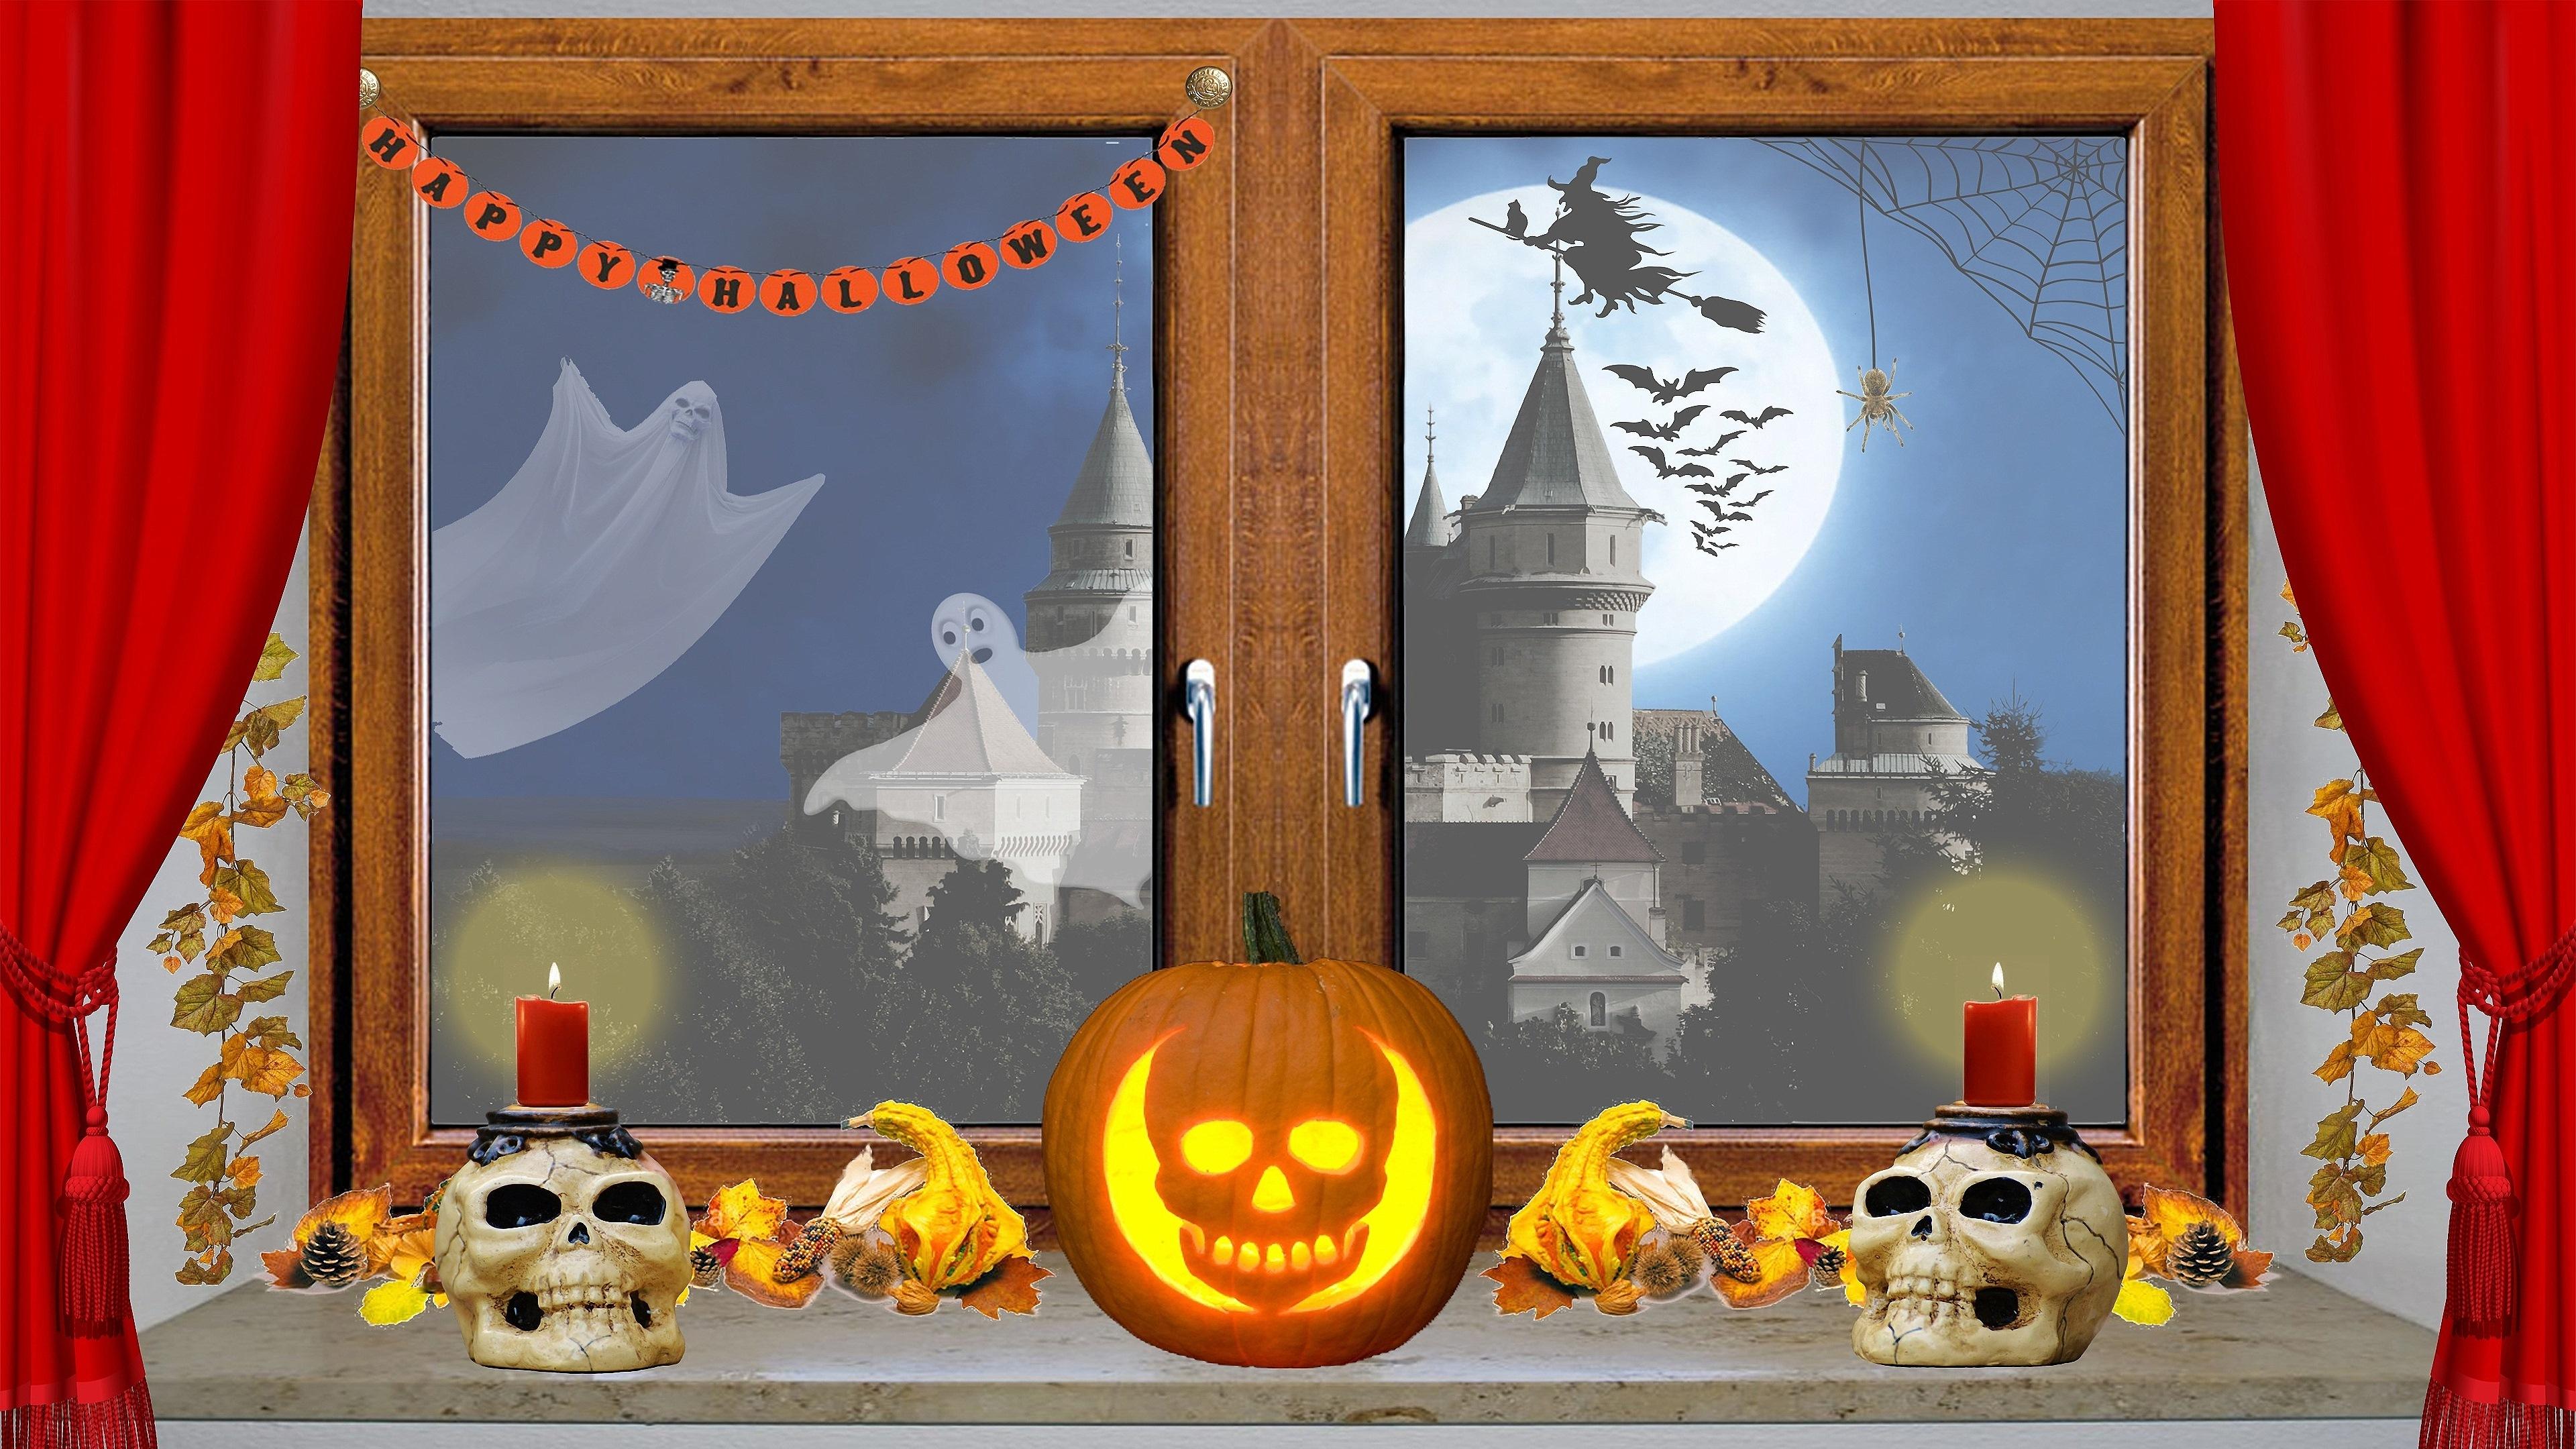 hintergründe kostenlos herunterladen halloween